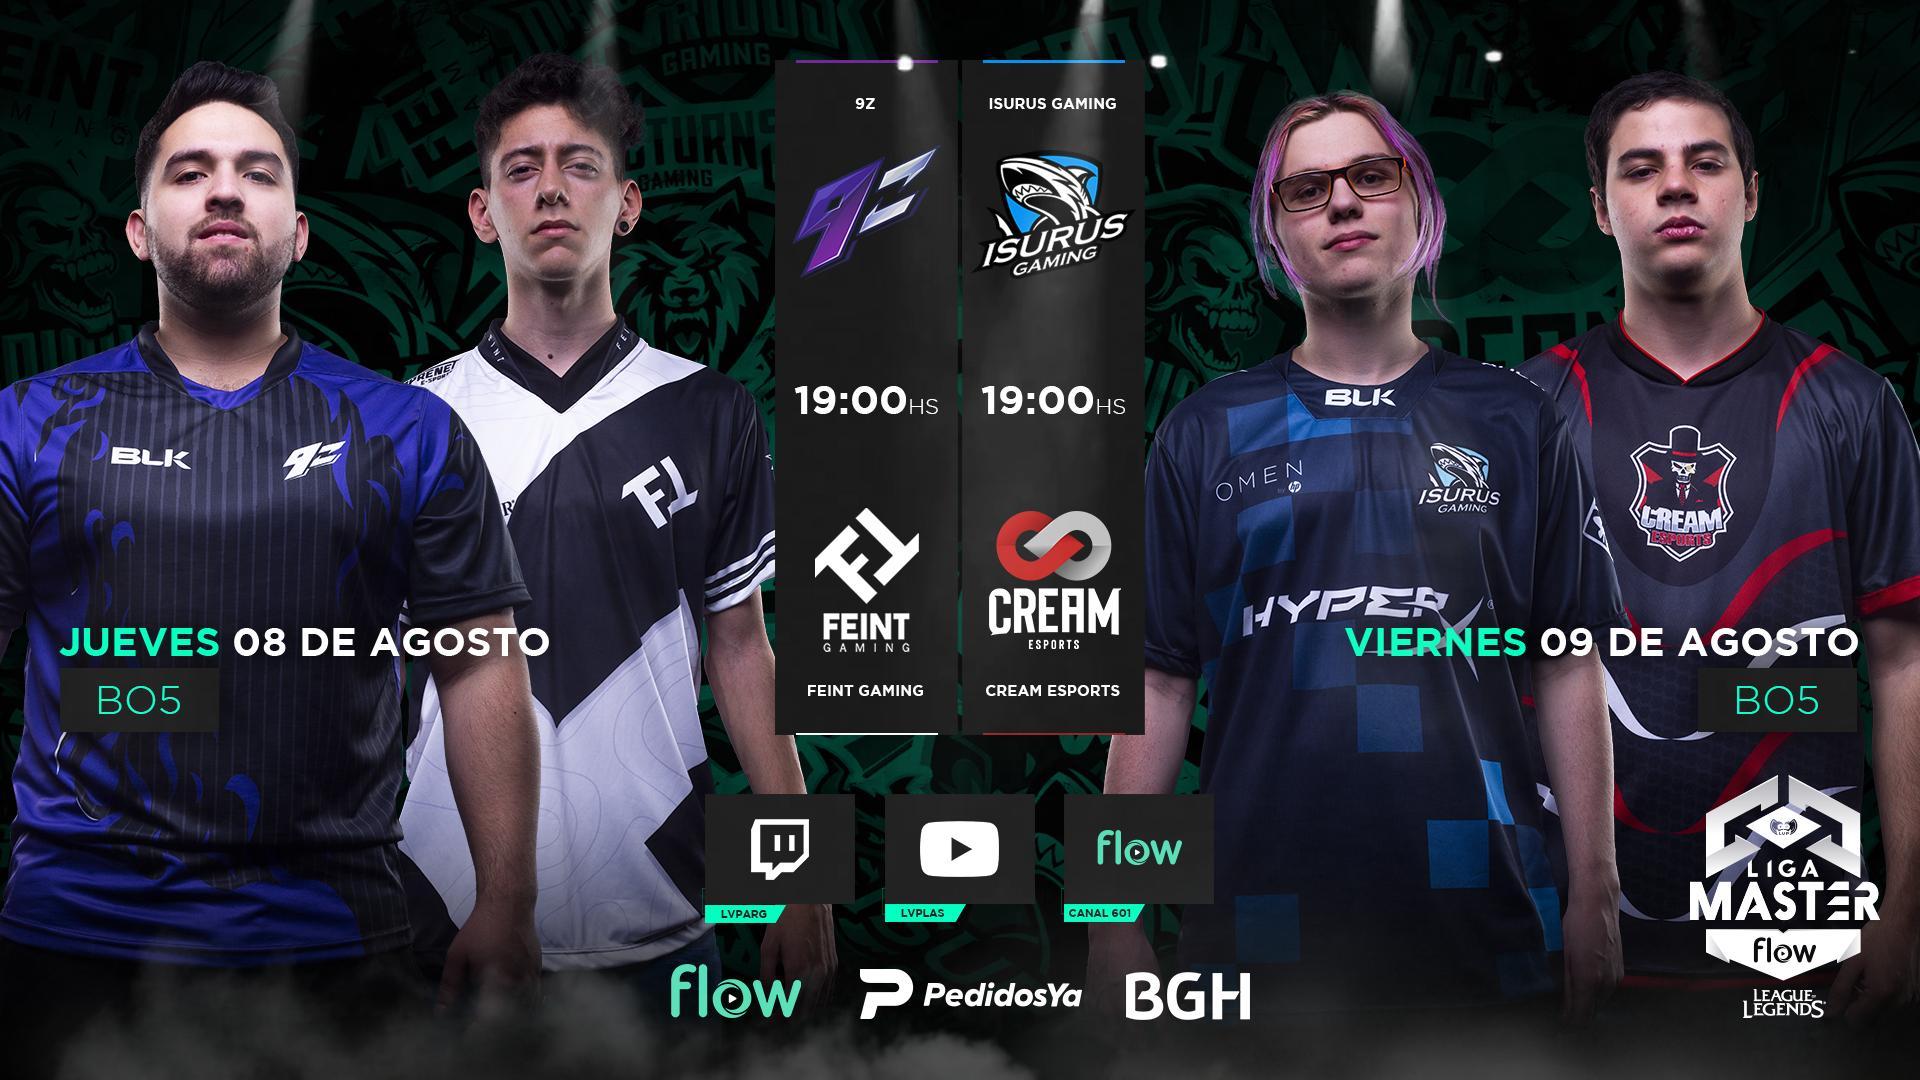 Liga Máster Flow: el gran torneo argentino de League of Legends entró en su etapa definitoria